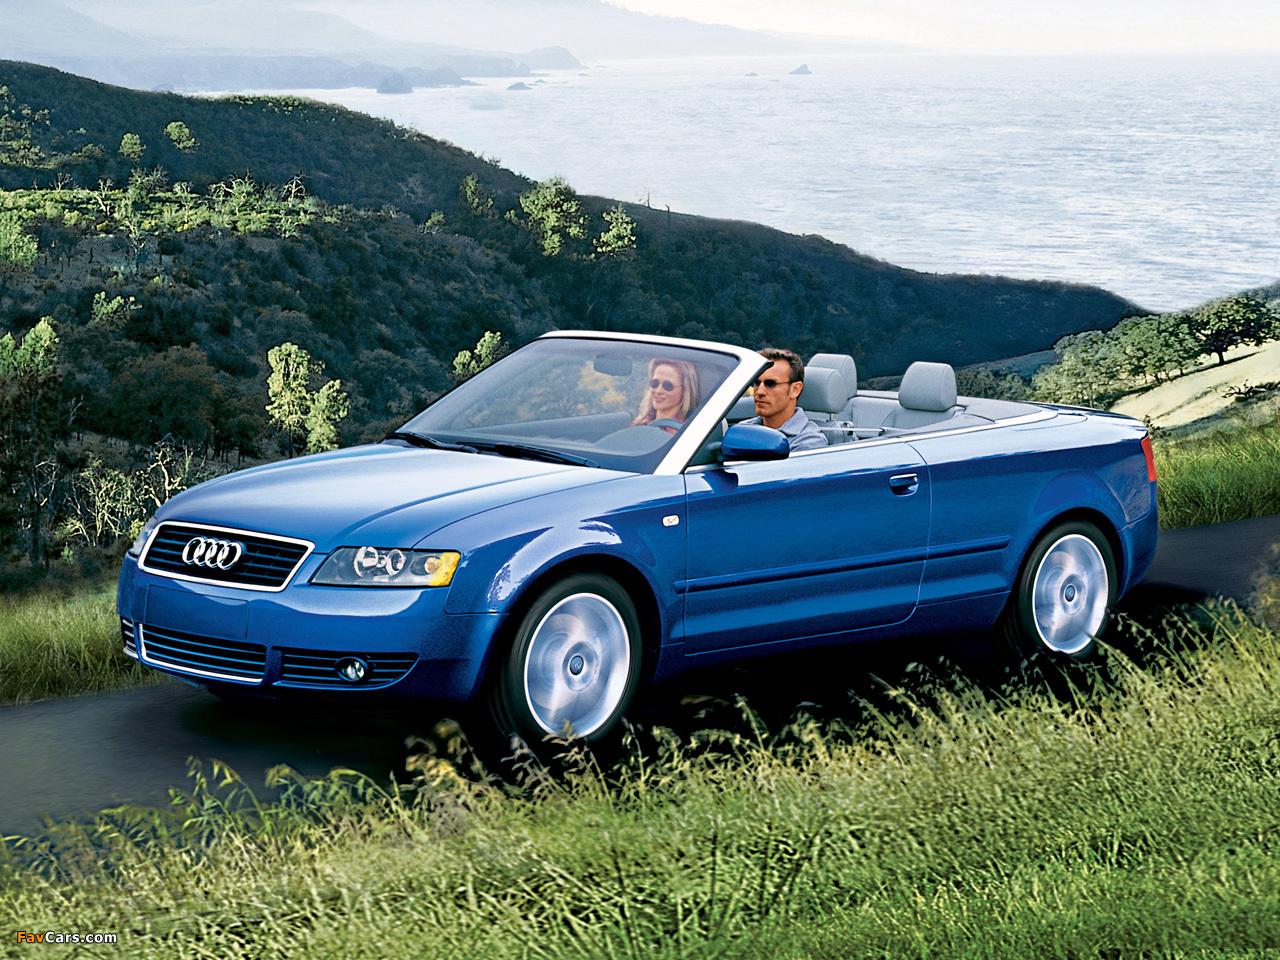 Images Of Audi A4 Cabrio Us Spec B6 8h 2001 2005 1280x960